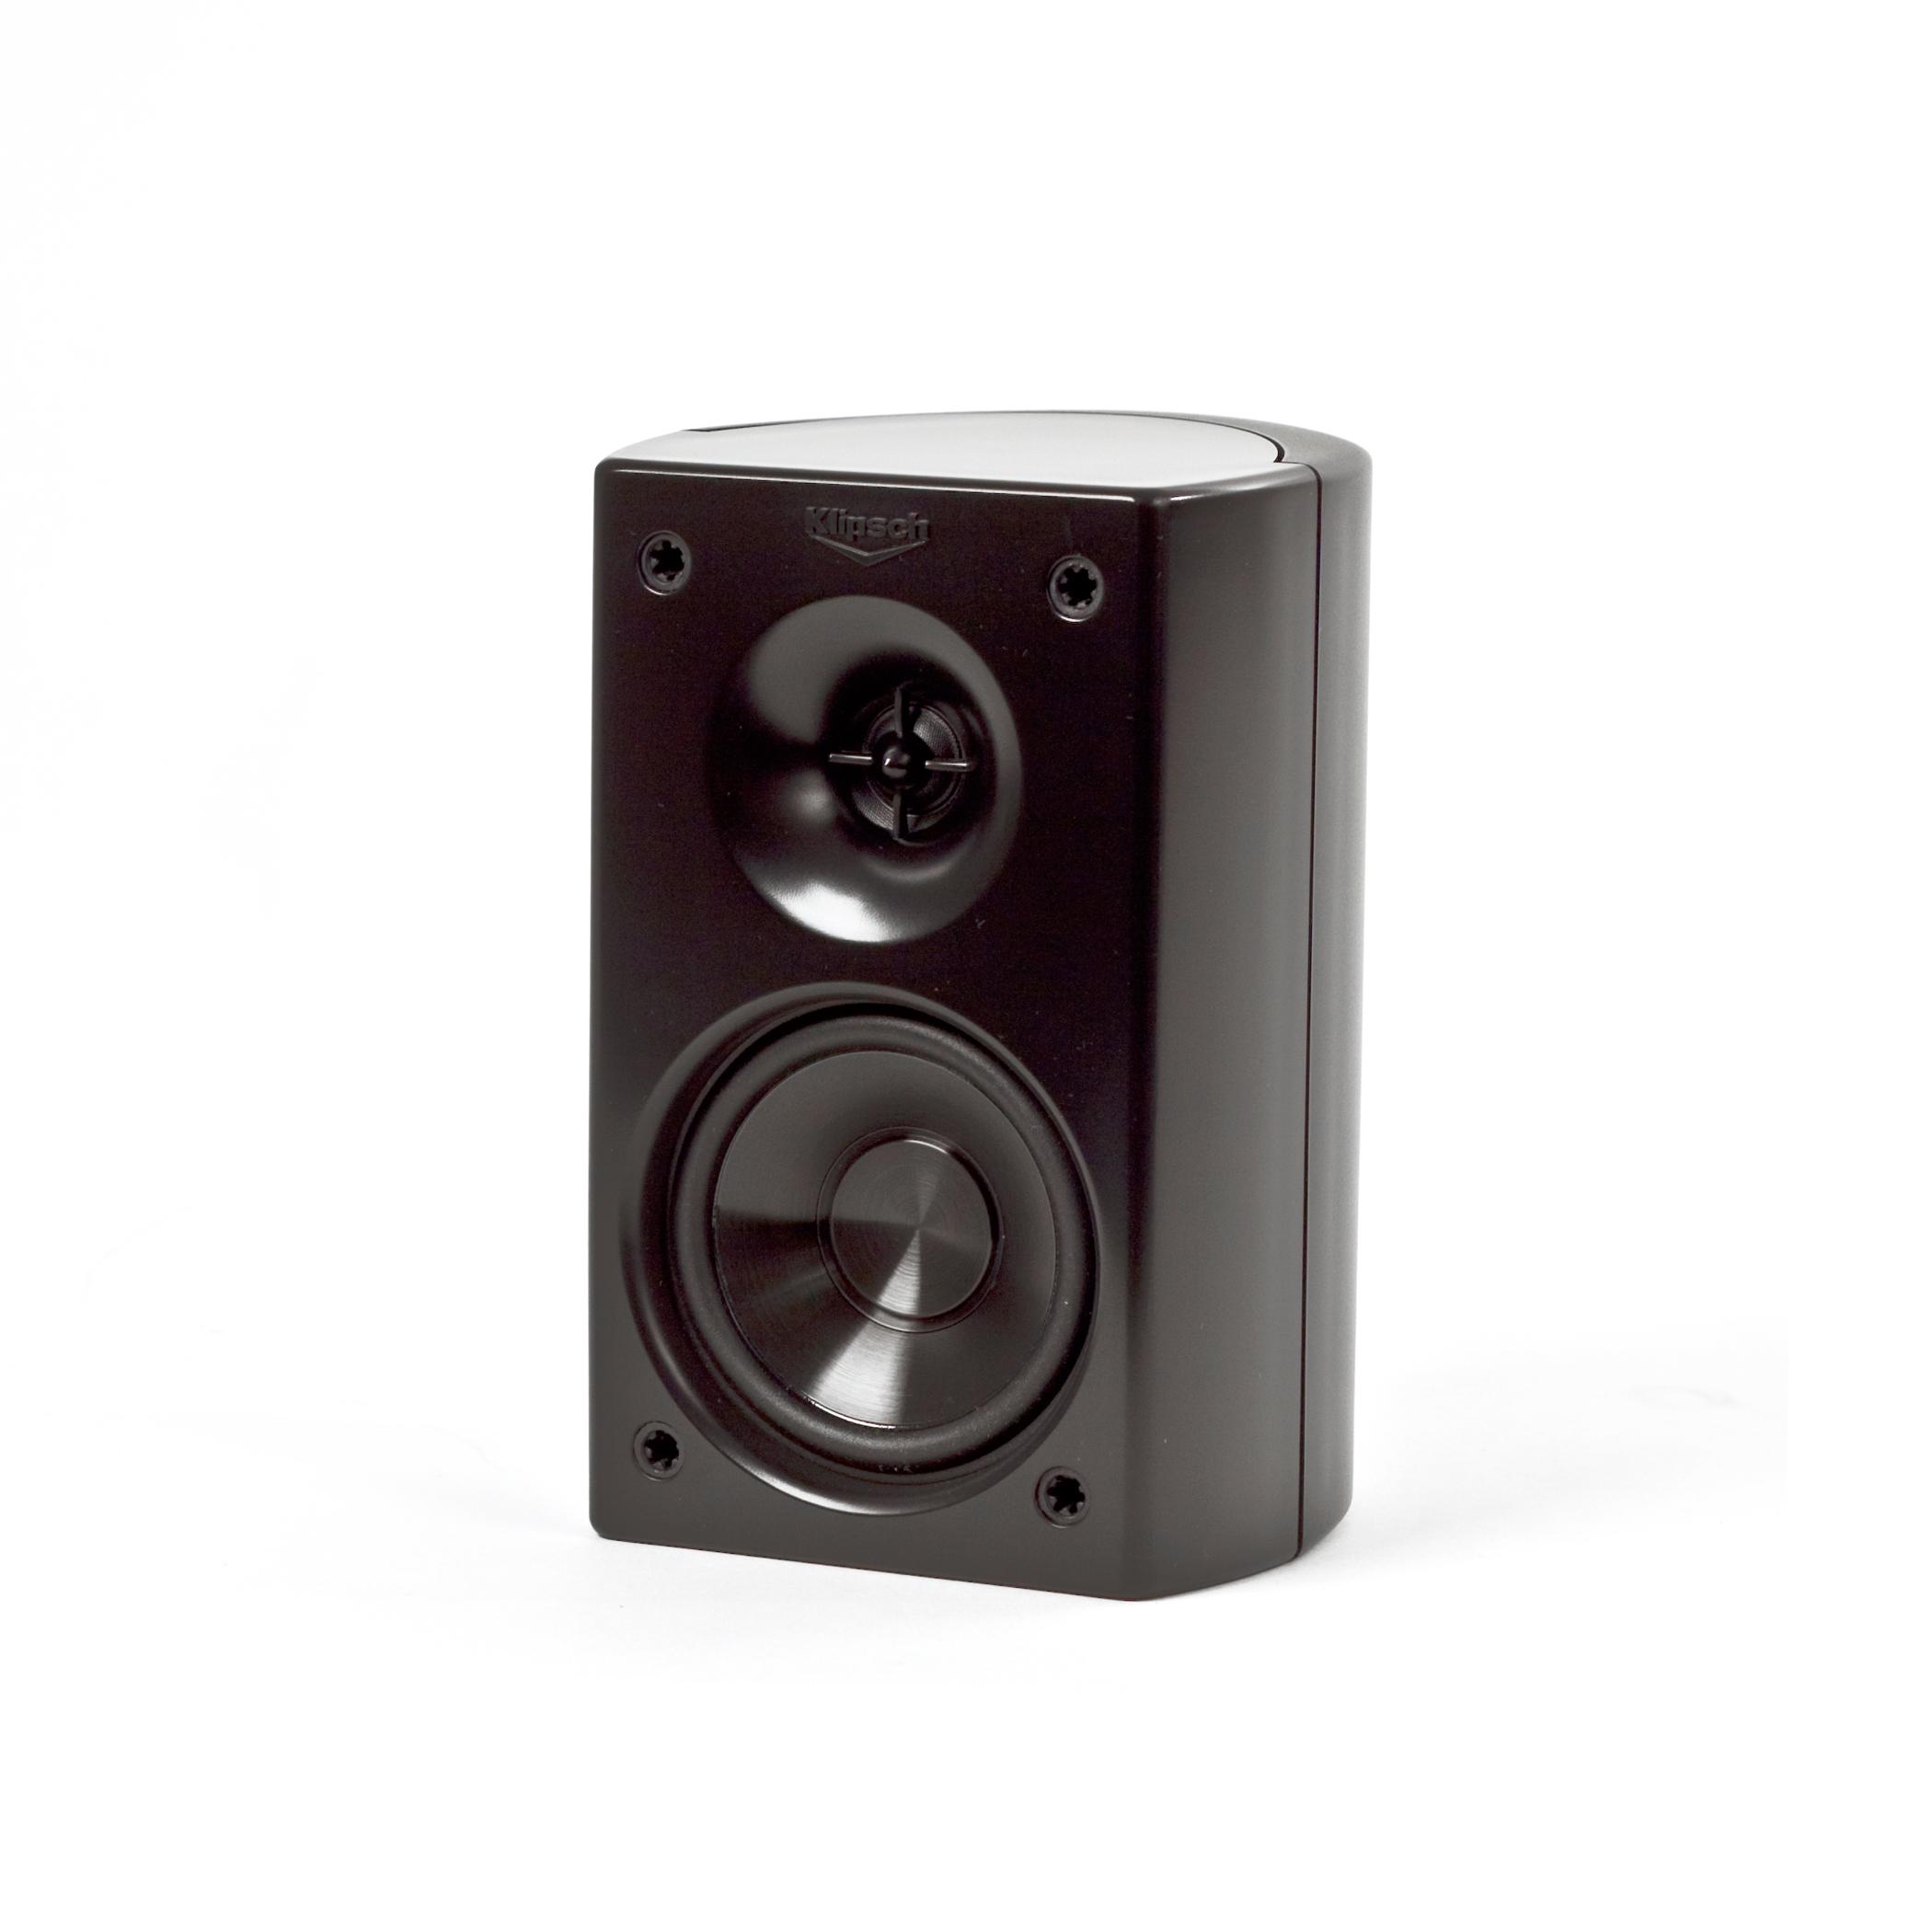 klipsch dj speakers. klipsch dj speakers